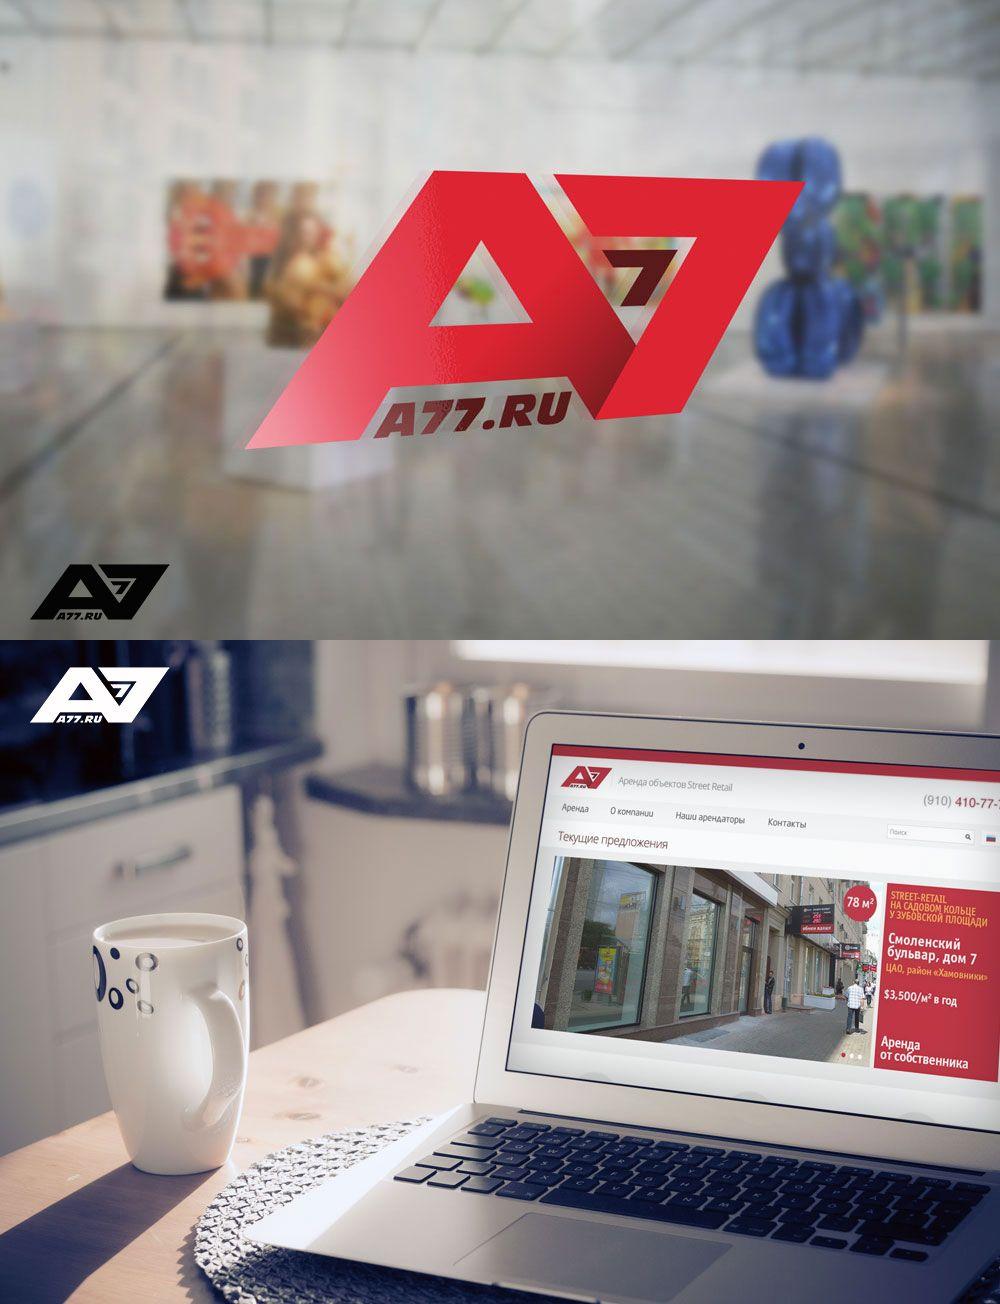 Лого для сайта по коммерческой недвижимости A77.RU - дизайнер Upright